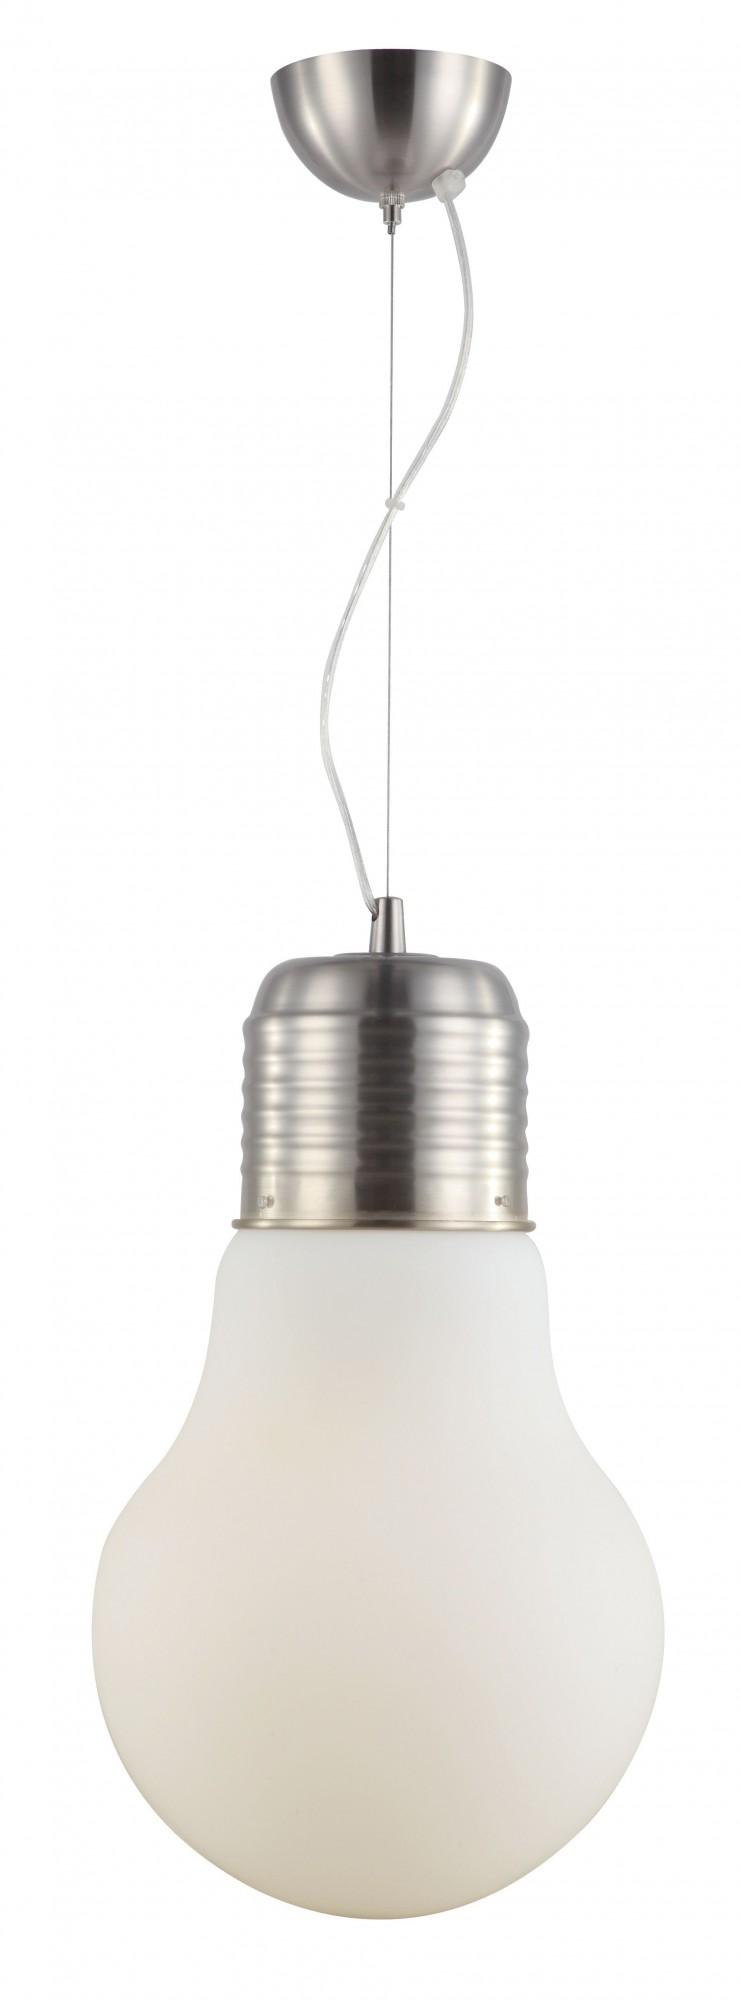 Фото товара A1403SP-1SS Arte Lamp